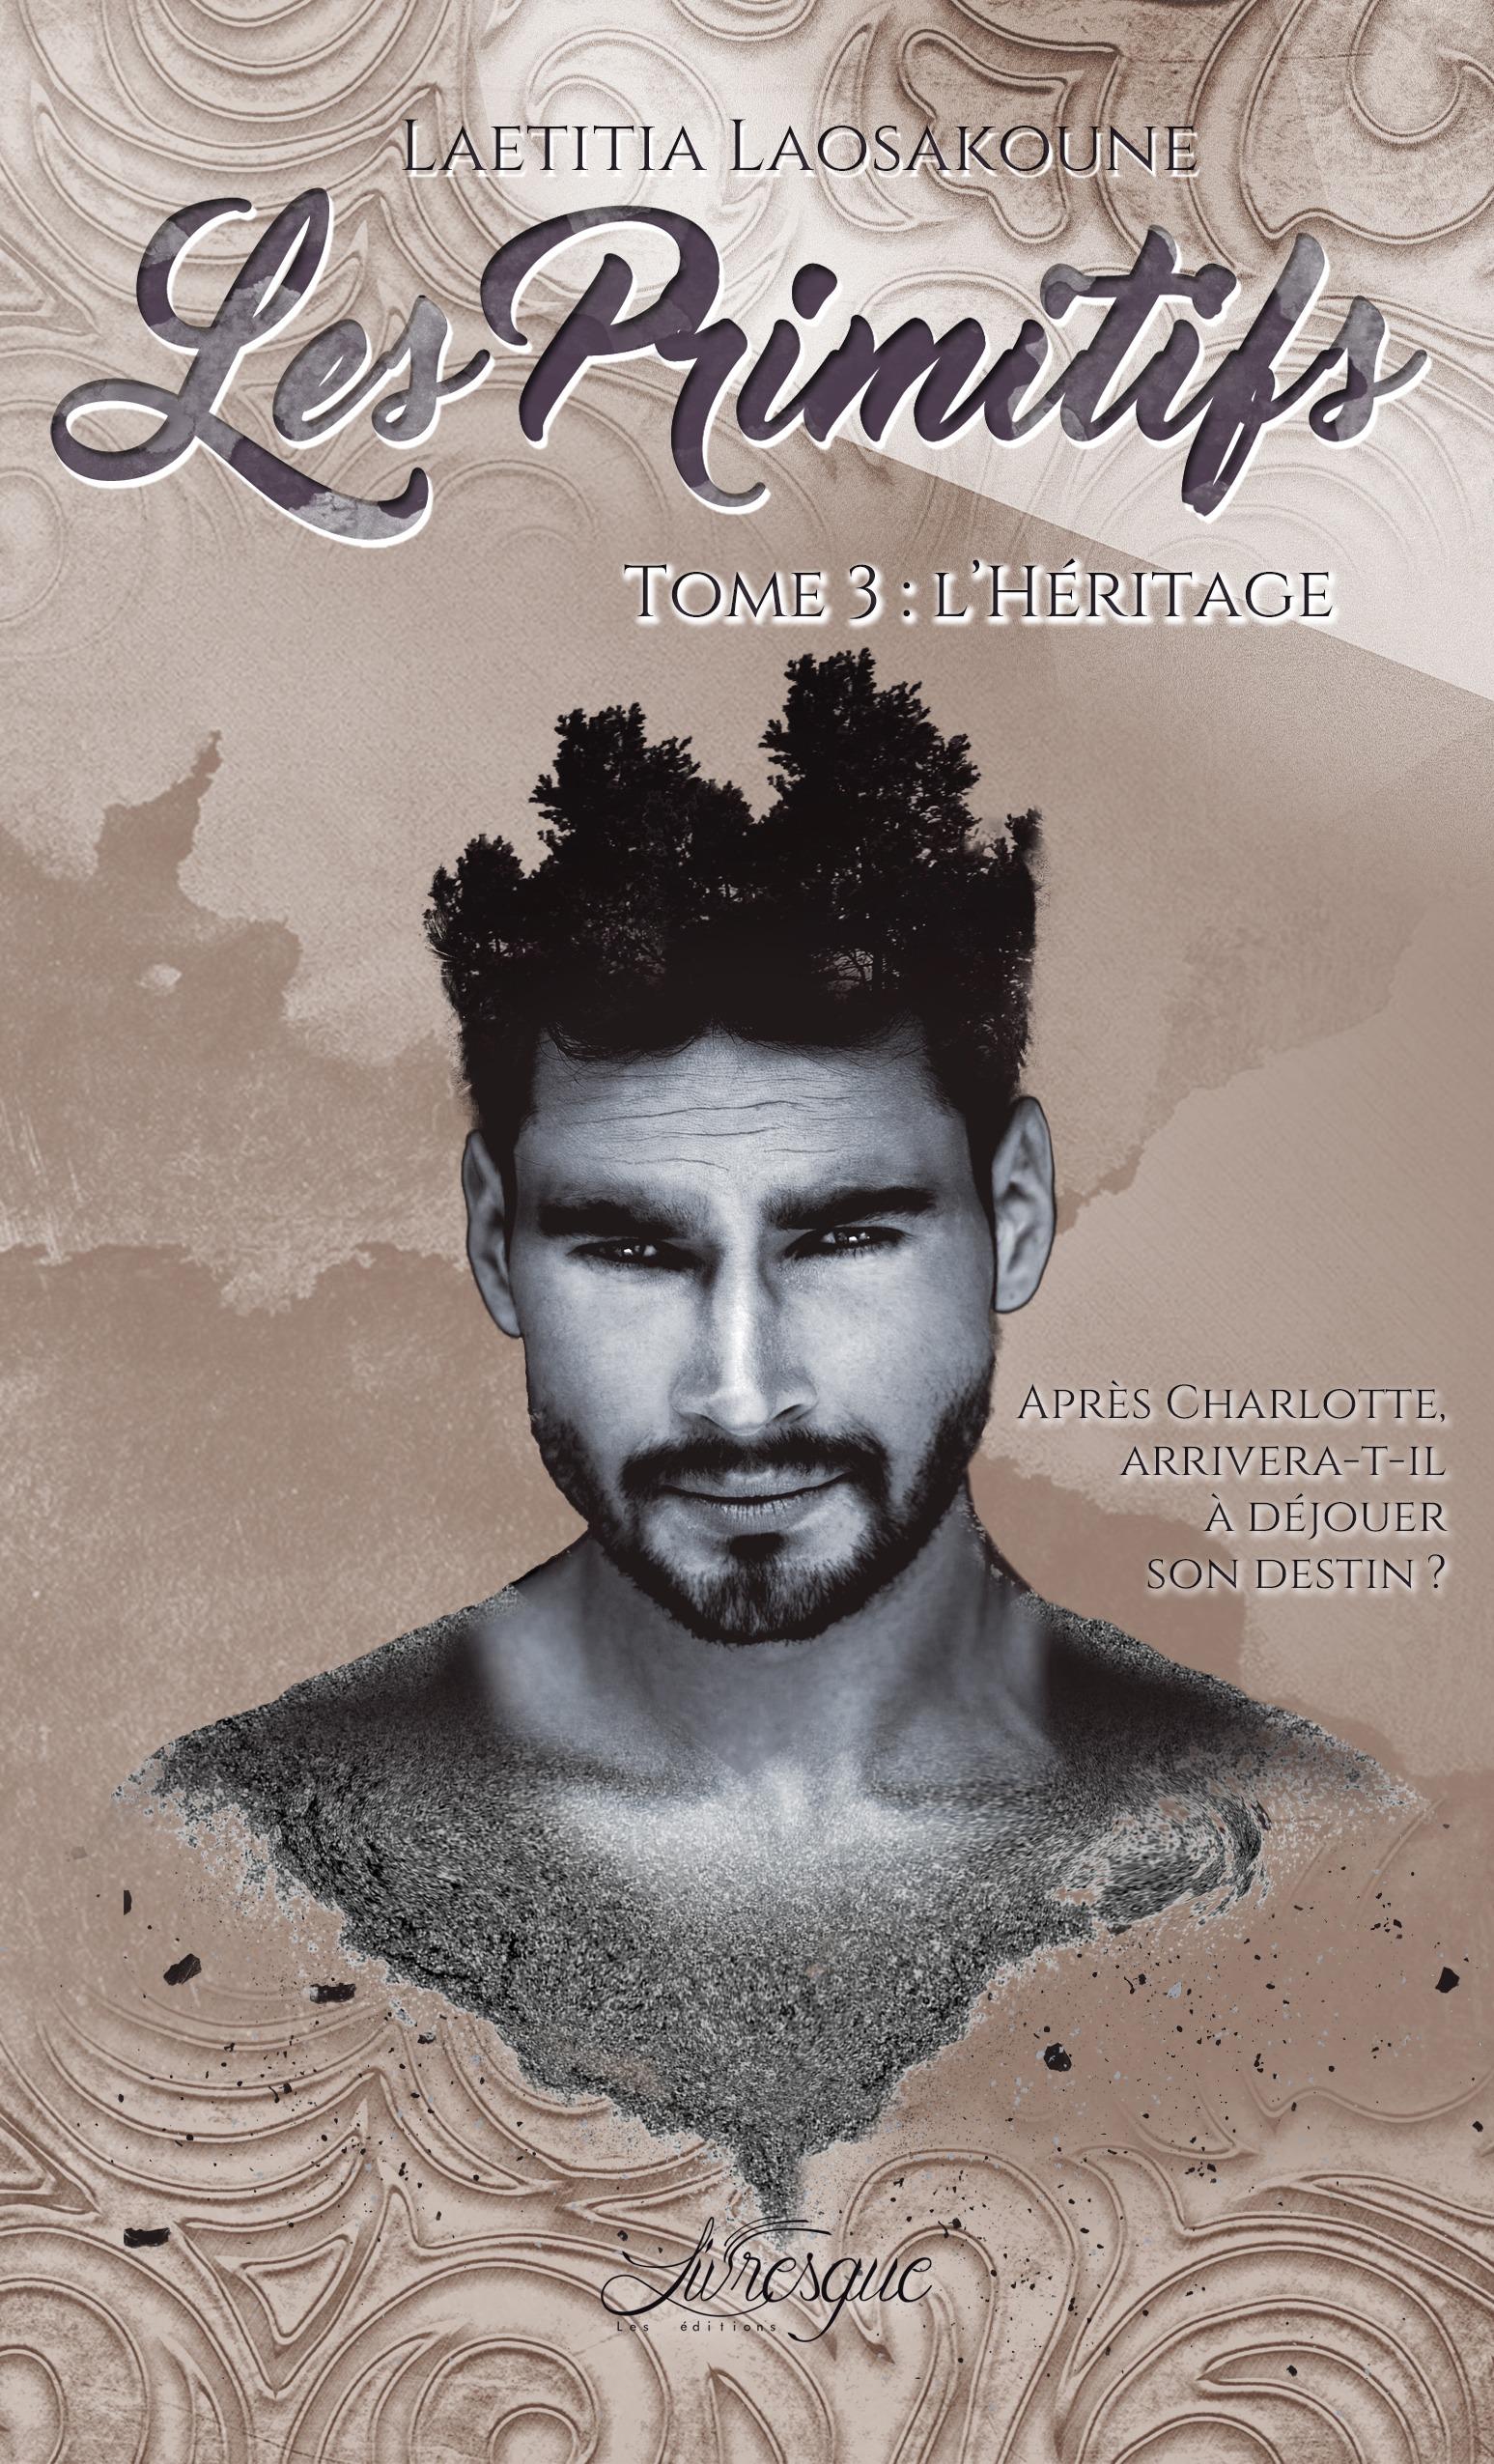 Les Primitifs, Tome 3, L'HÉRITAGE